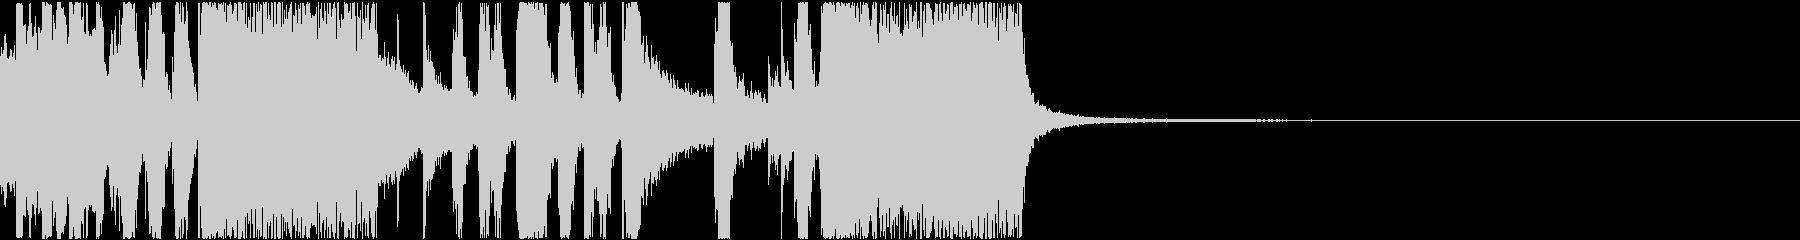 テーマ曲風ビッグバンド_VS03の未再生の波形